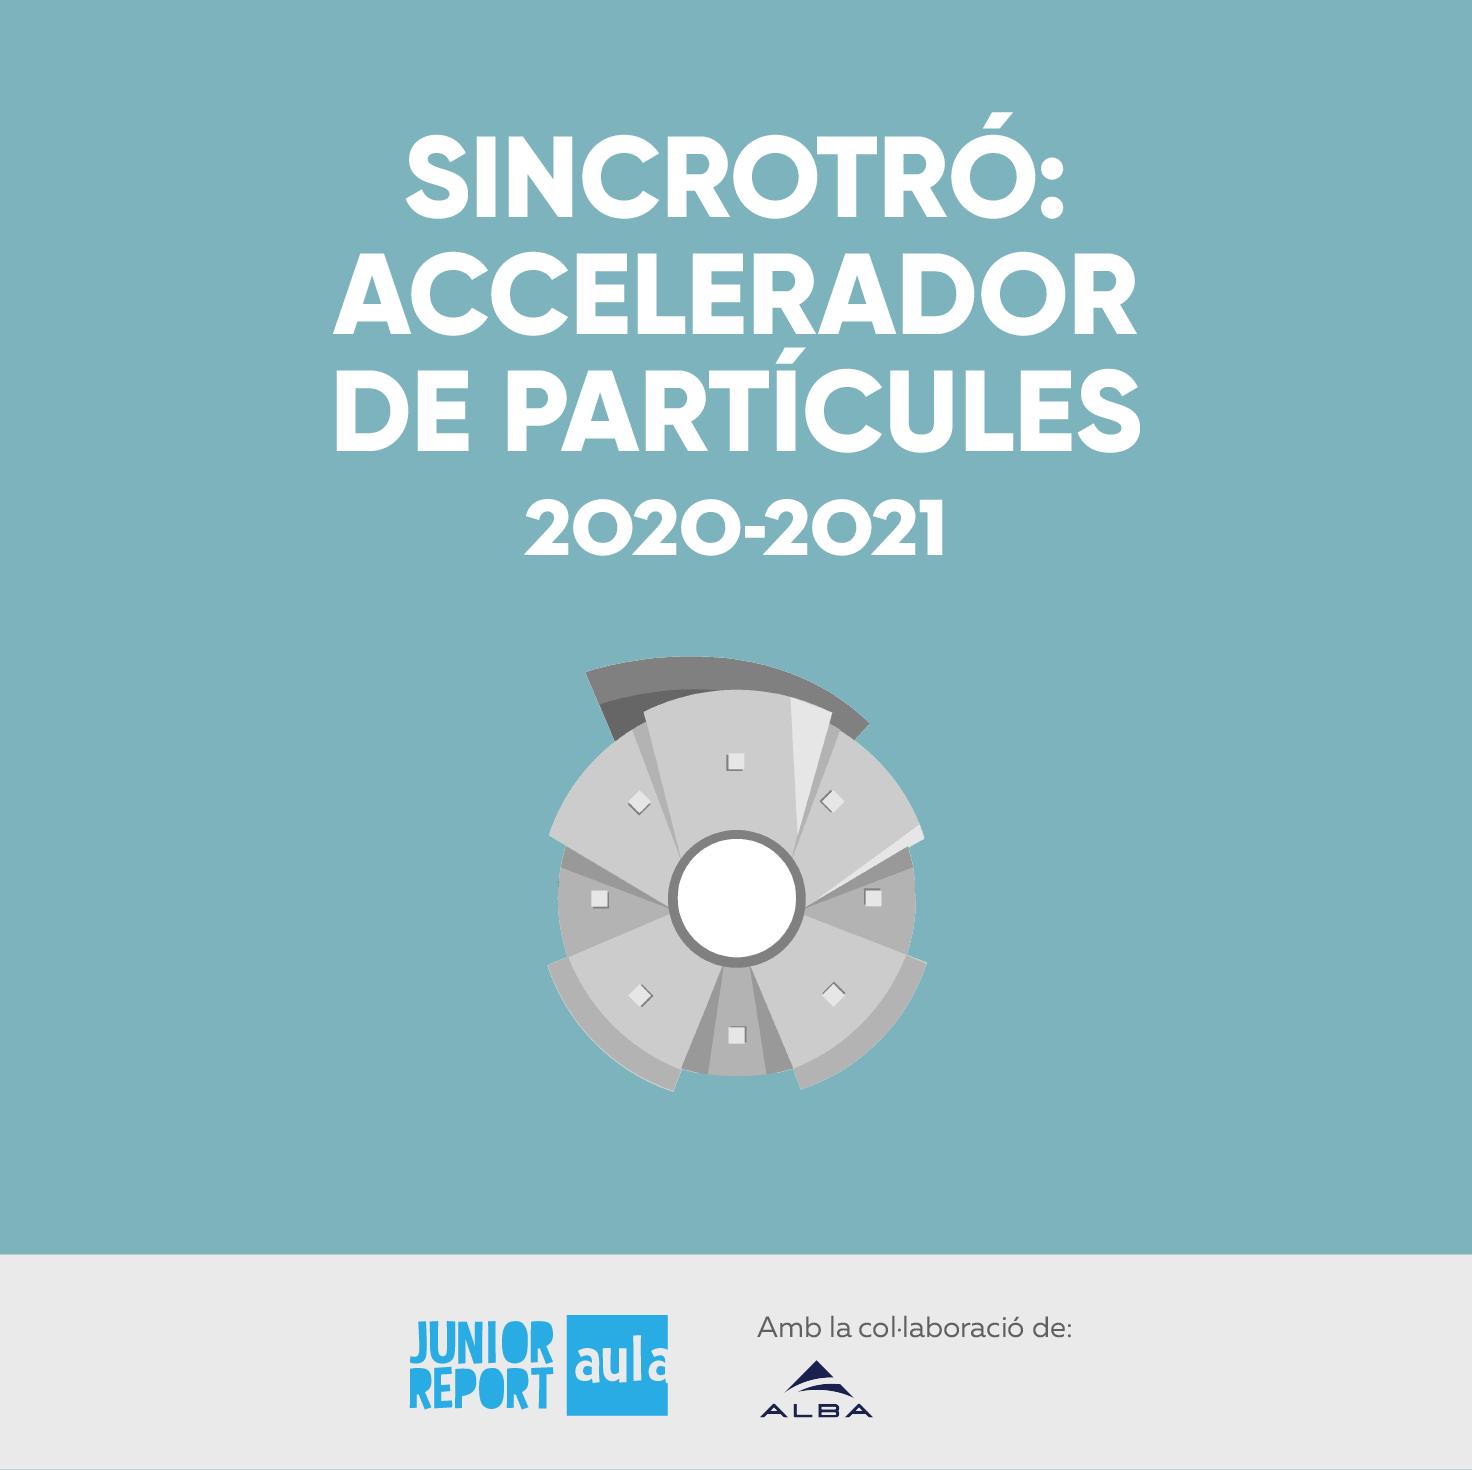 Sincrotó Accelerador de partícules 2020-2021, ilustración de acelerador